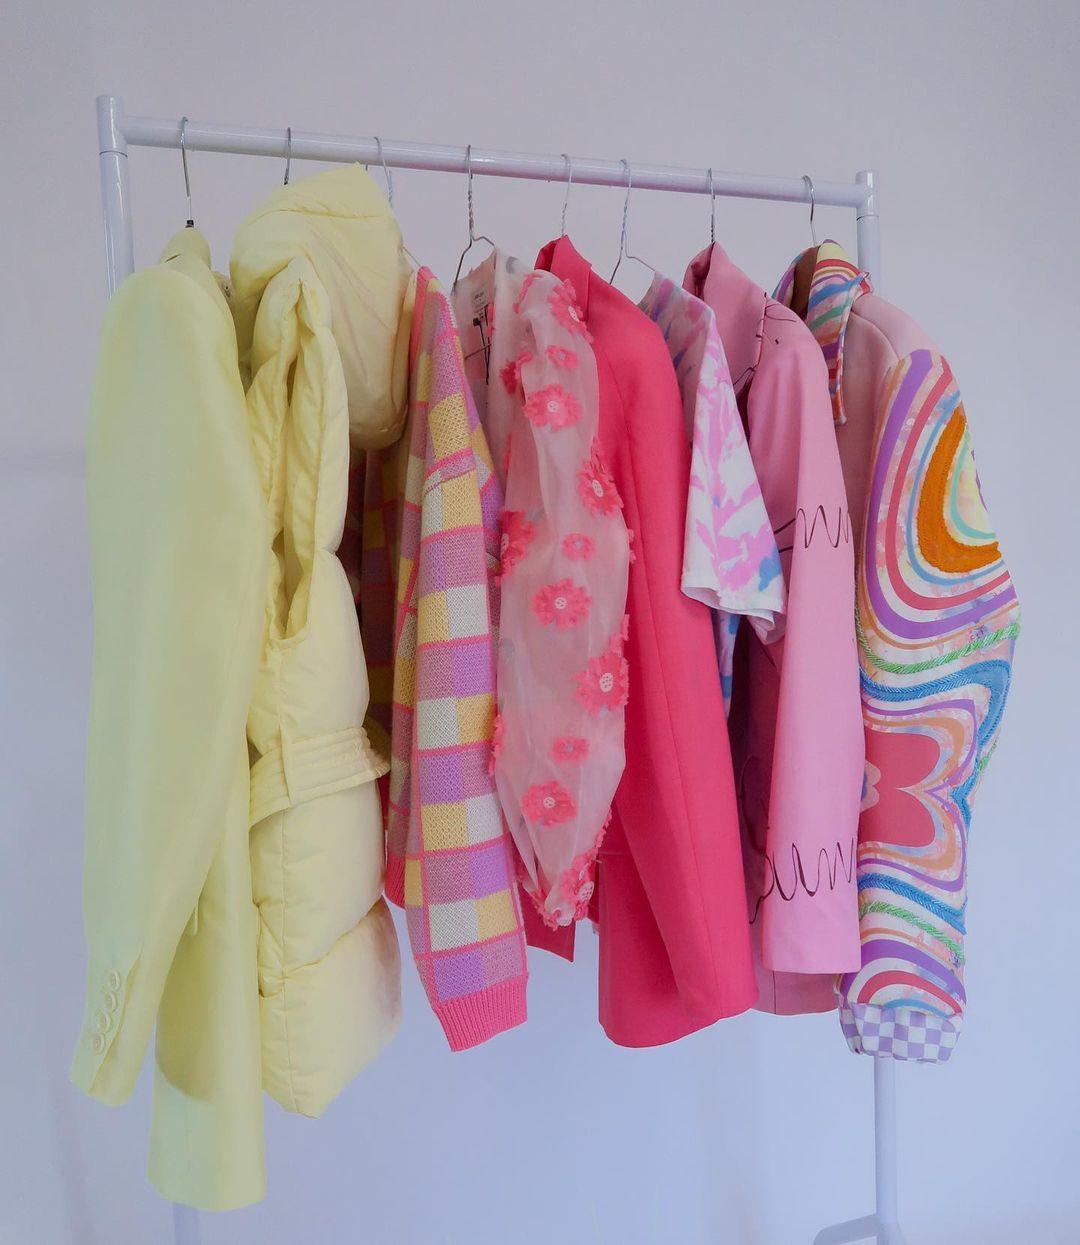 quần áo gen z nhiều màu và hoạ tiết